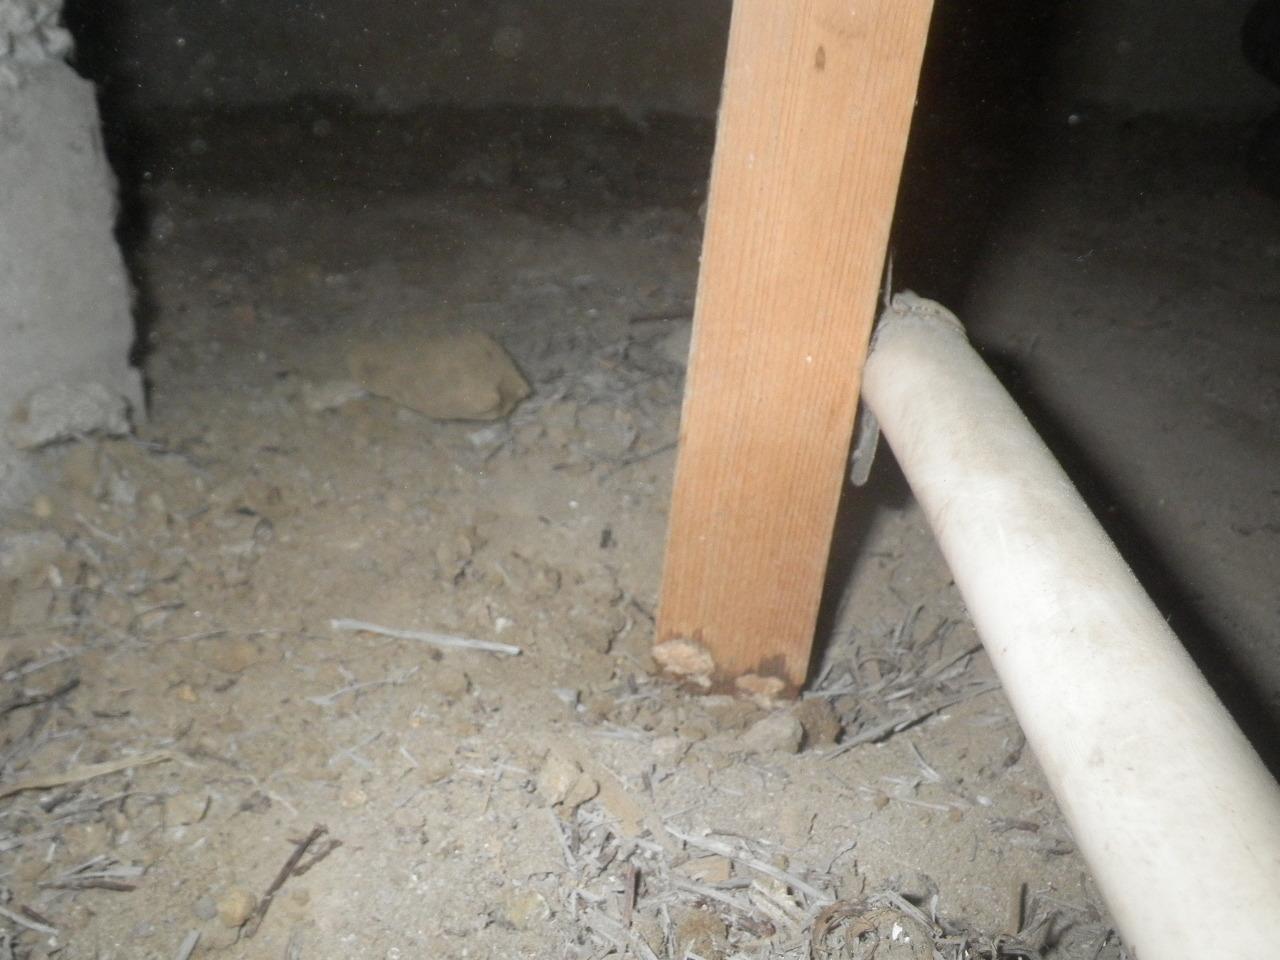 配管を支える為の補助材